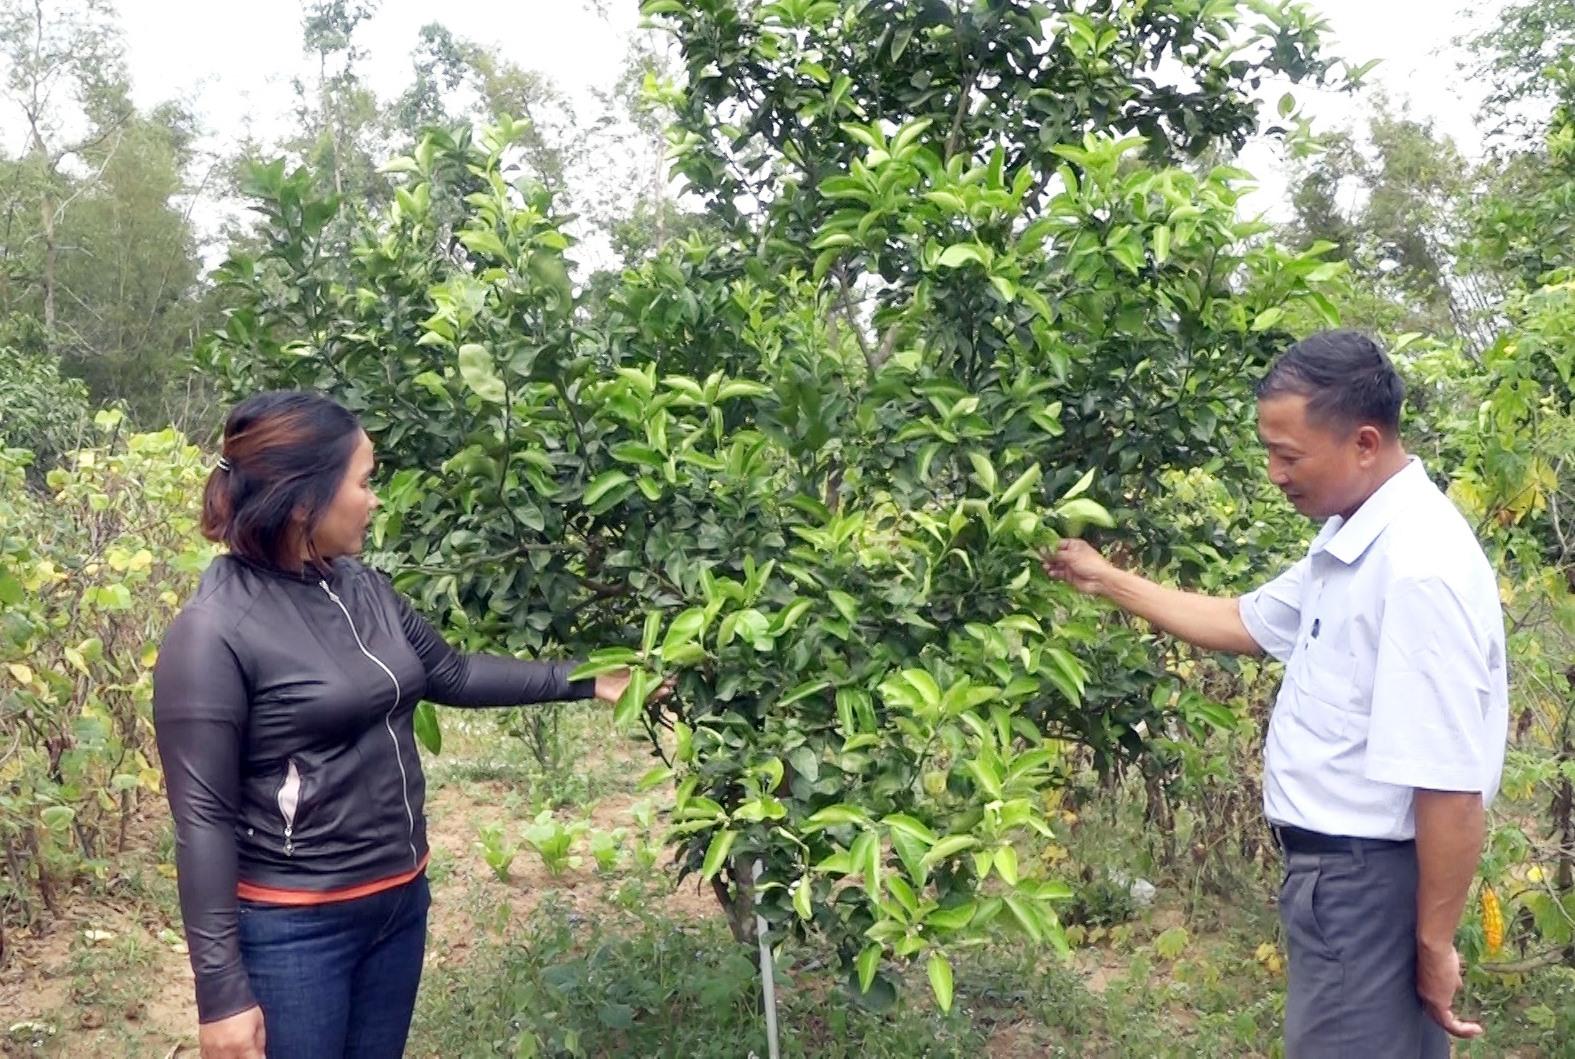 Vườn cây ăn quả của chị Phan Thị Chín đang phát triển tốt, hứa hẹn sẽ cho hiệu quả kinh tế cao. Ảnh: M.T